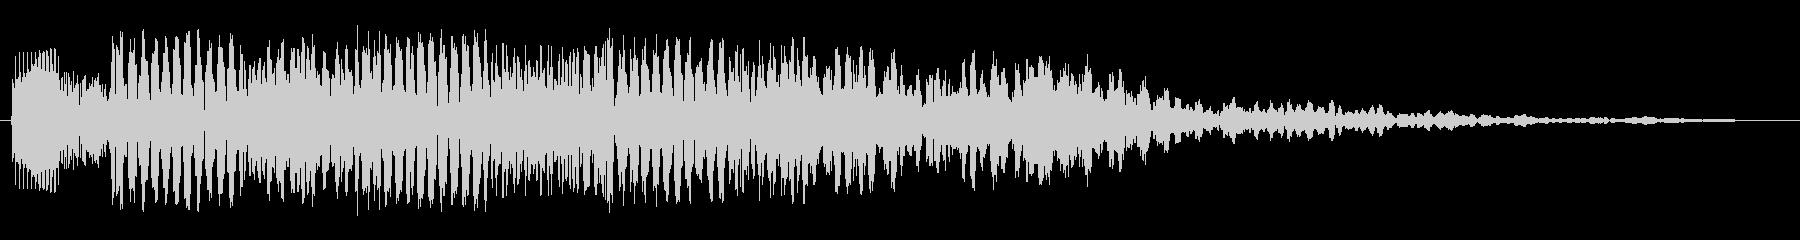 ピローリローポロン ピーピローポロンの未再生の波形